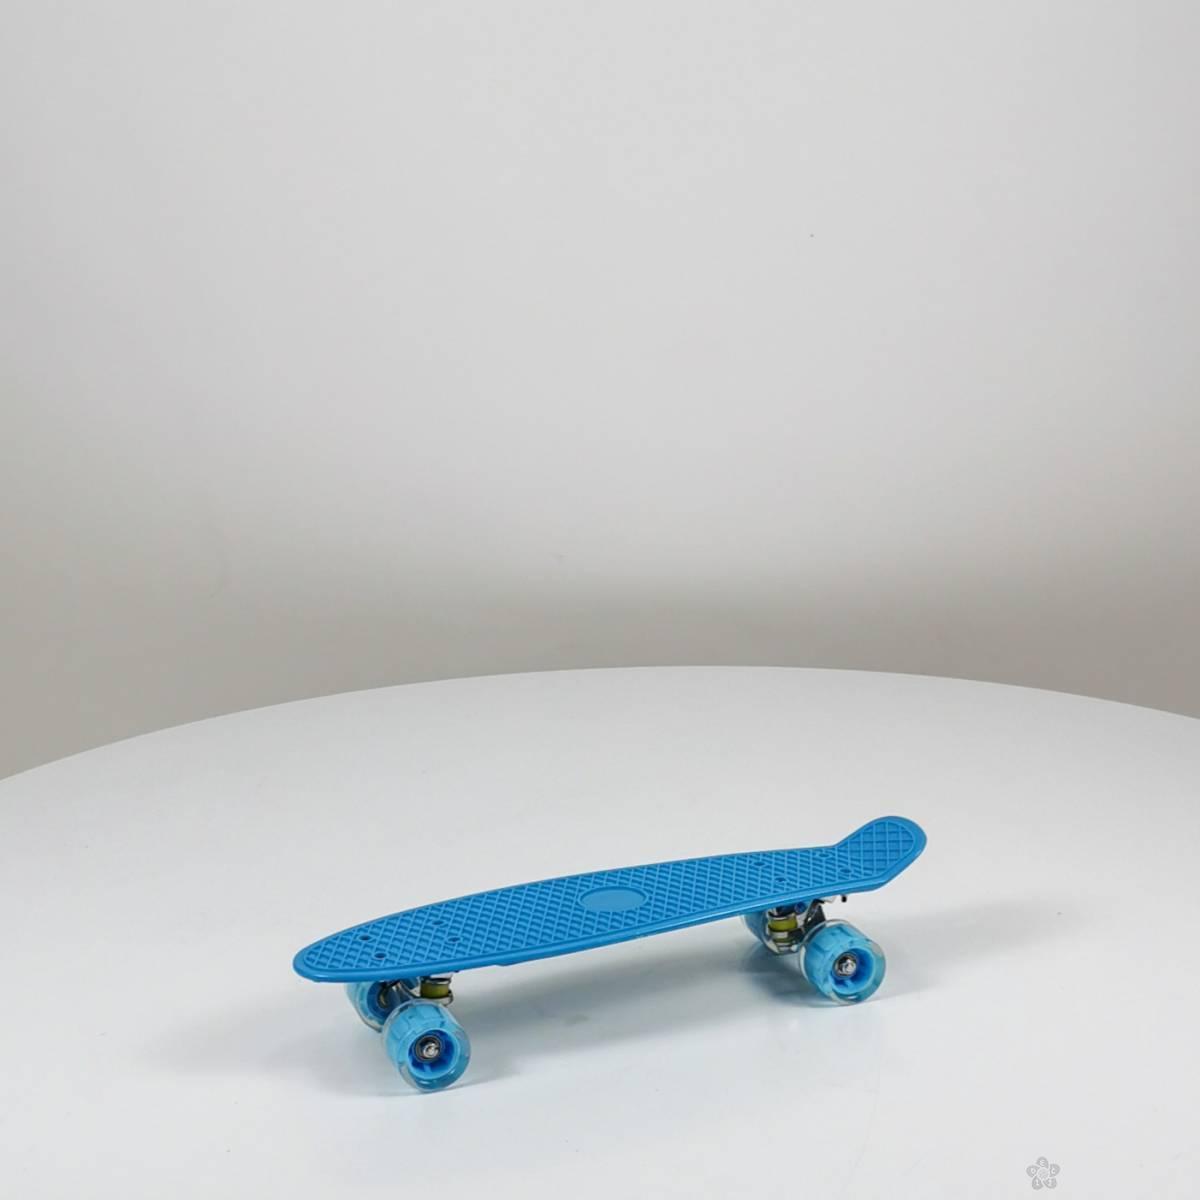 Dečiji skejtbord Simple board Model 683